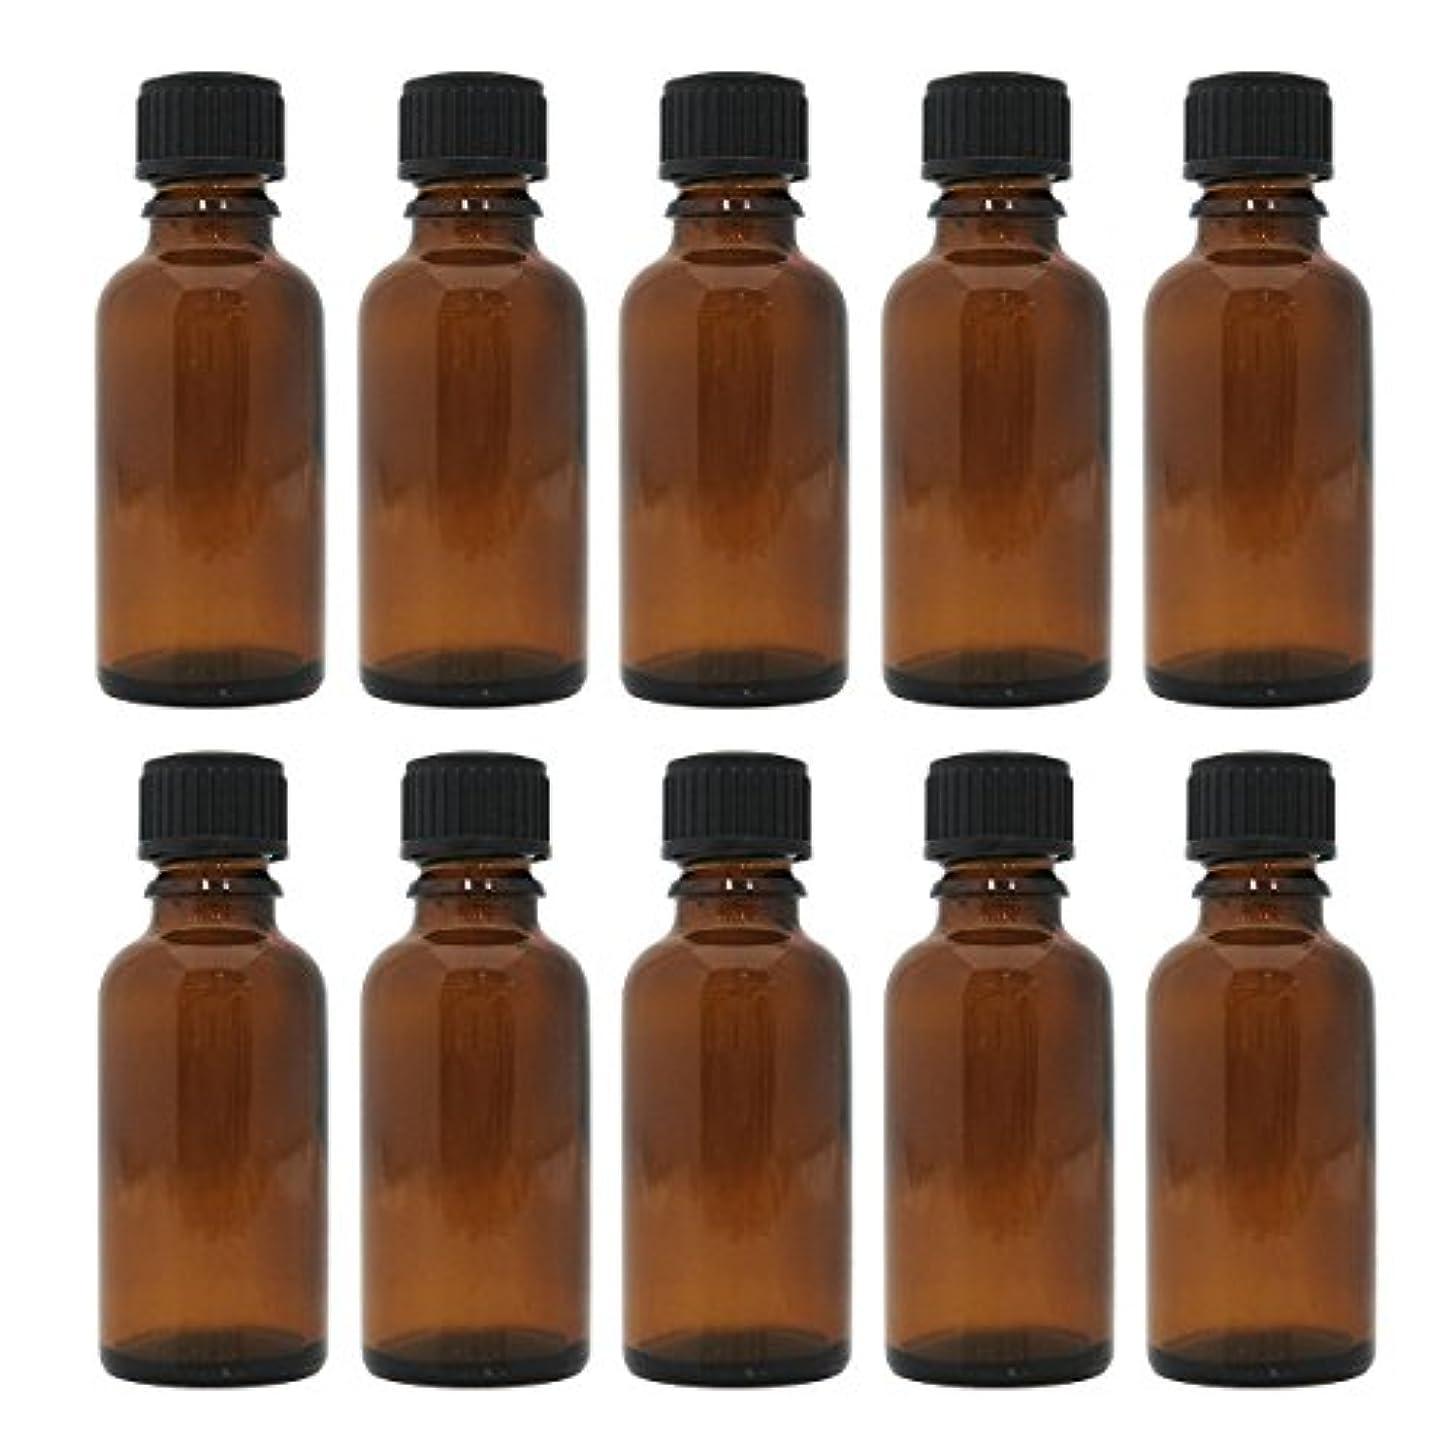 凝視銅ライバル茶色遮光瓶 30ml (ドロッパー付) 10本セット